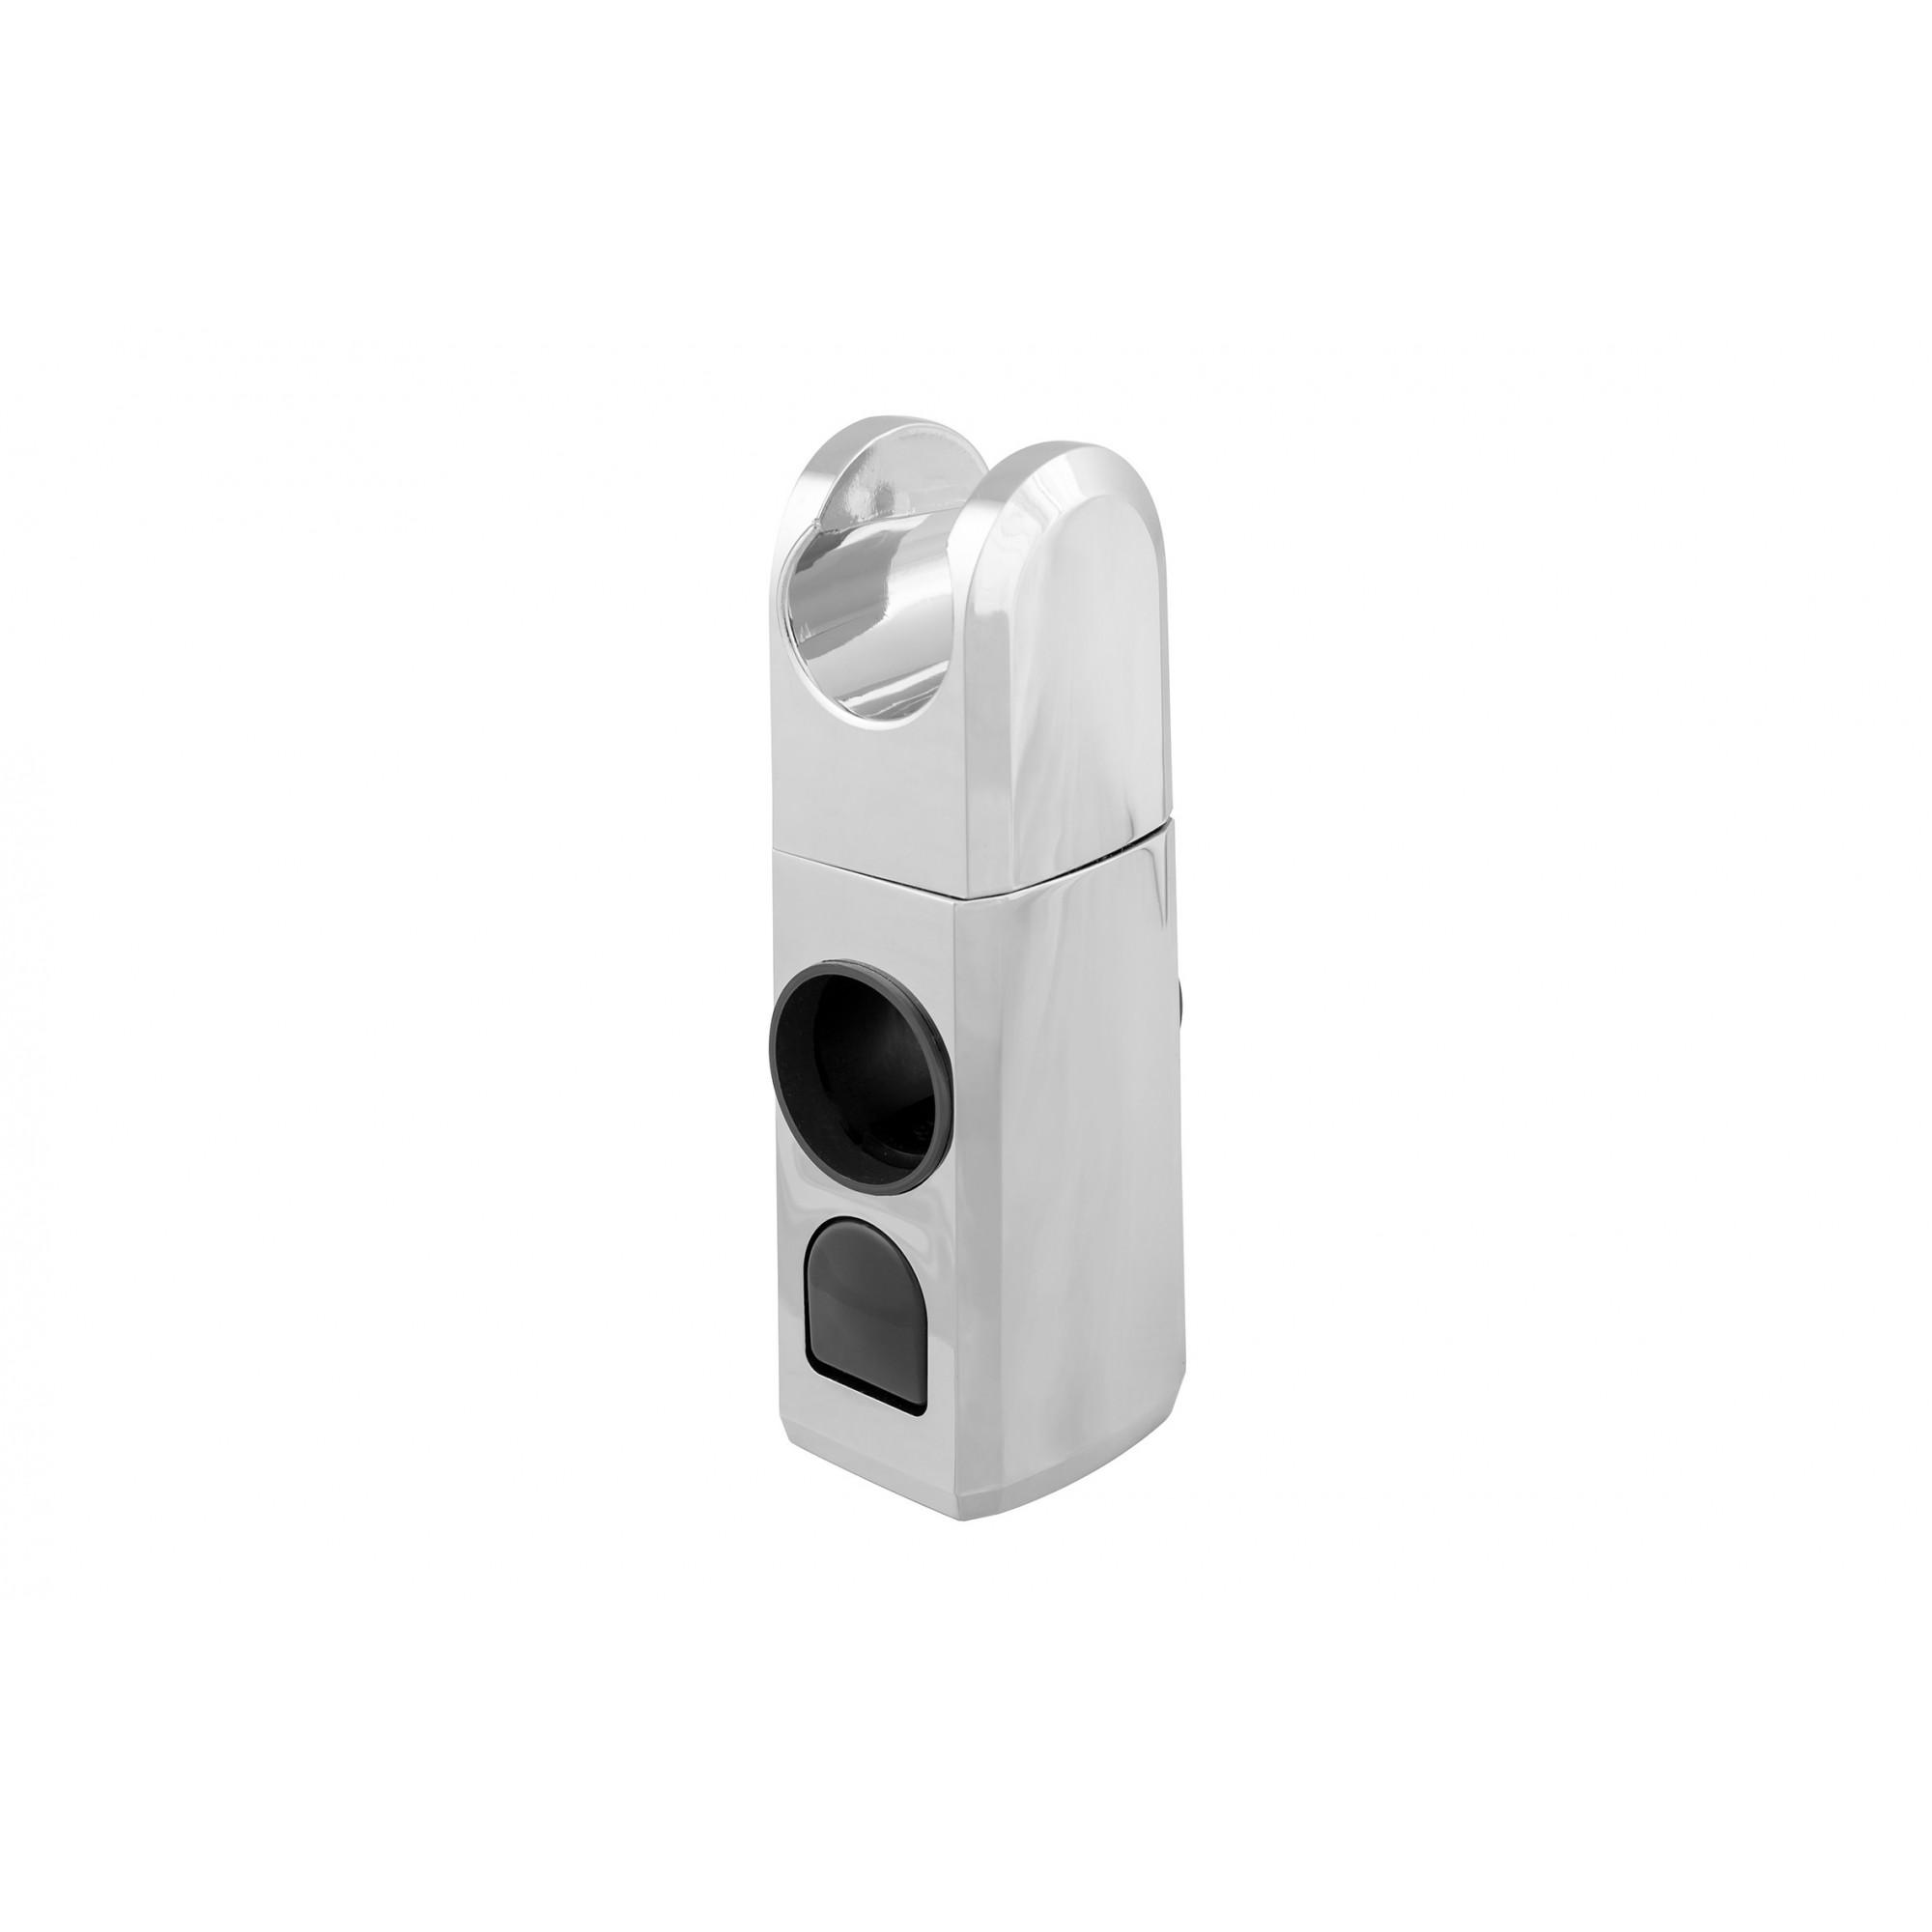 Держатель лейки душа, пластиковый, YWYL-02 для стойки 24 мм ANGO - 1